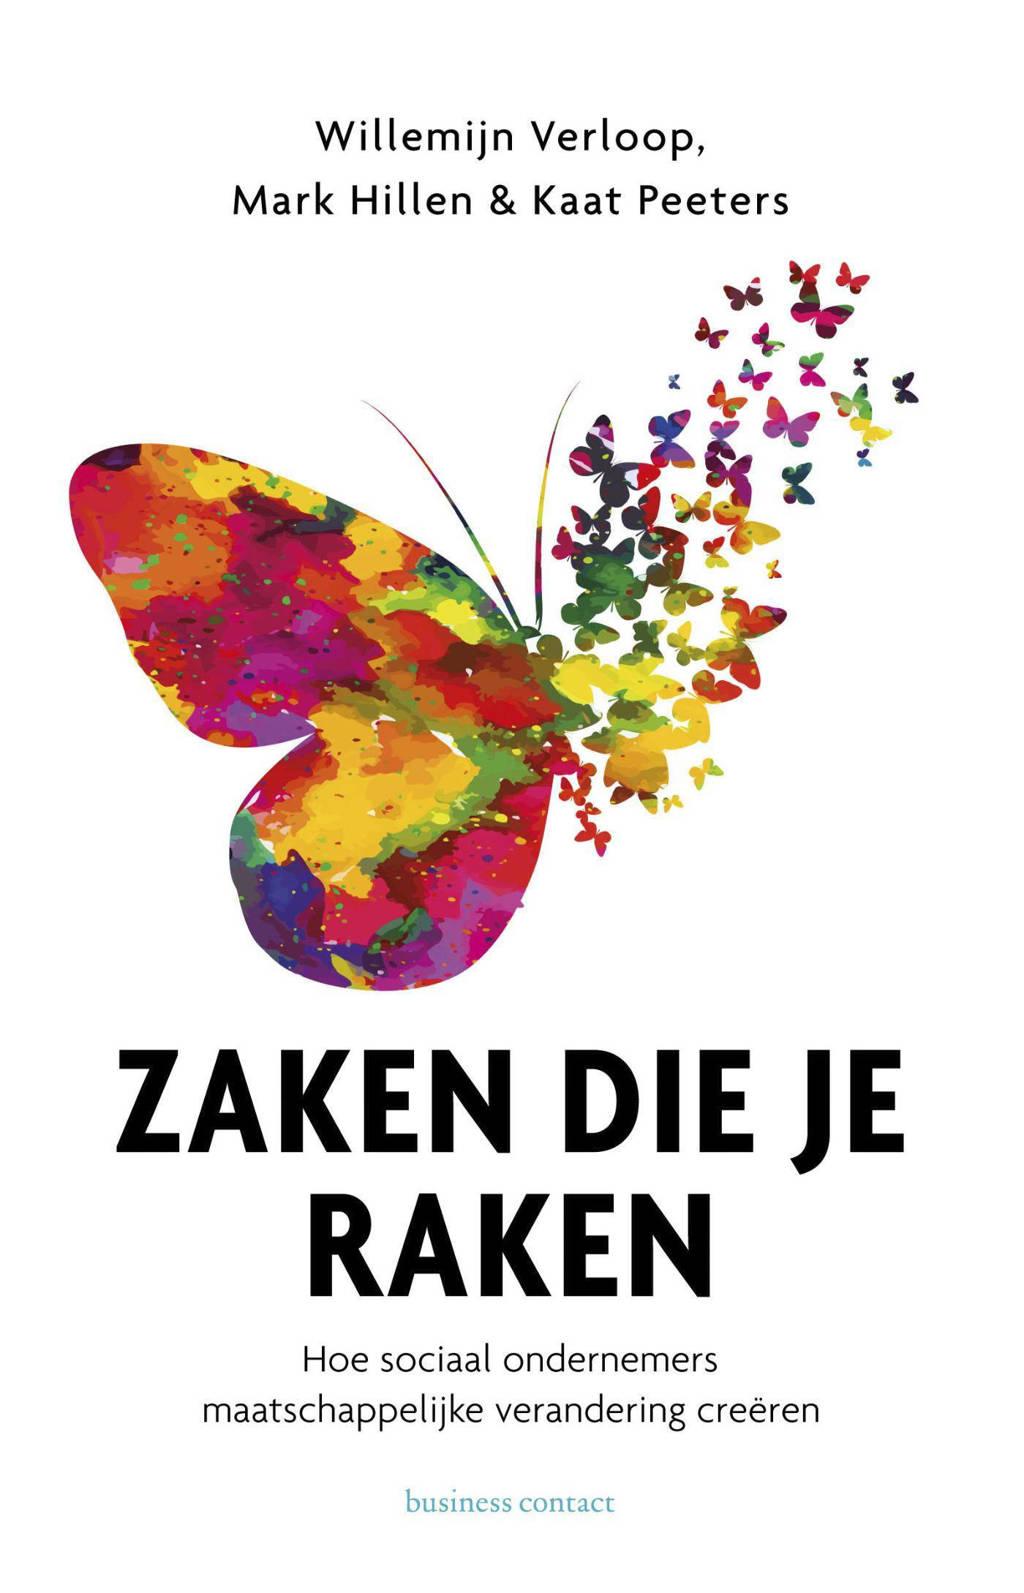 Zaken die je raken - Willemijn Verloop, Mark Hillen en Kaat Peters